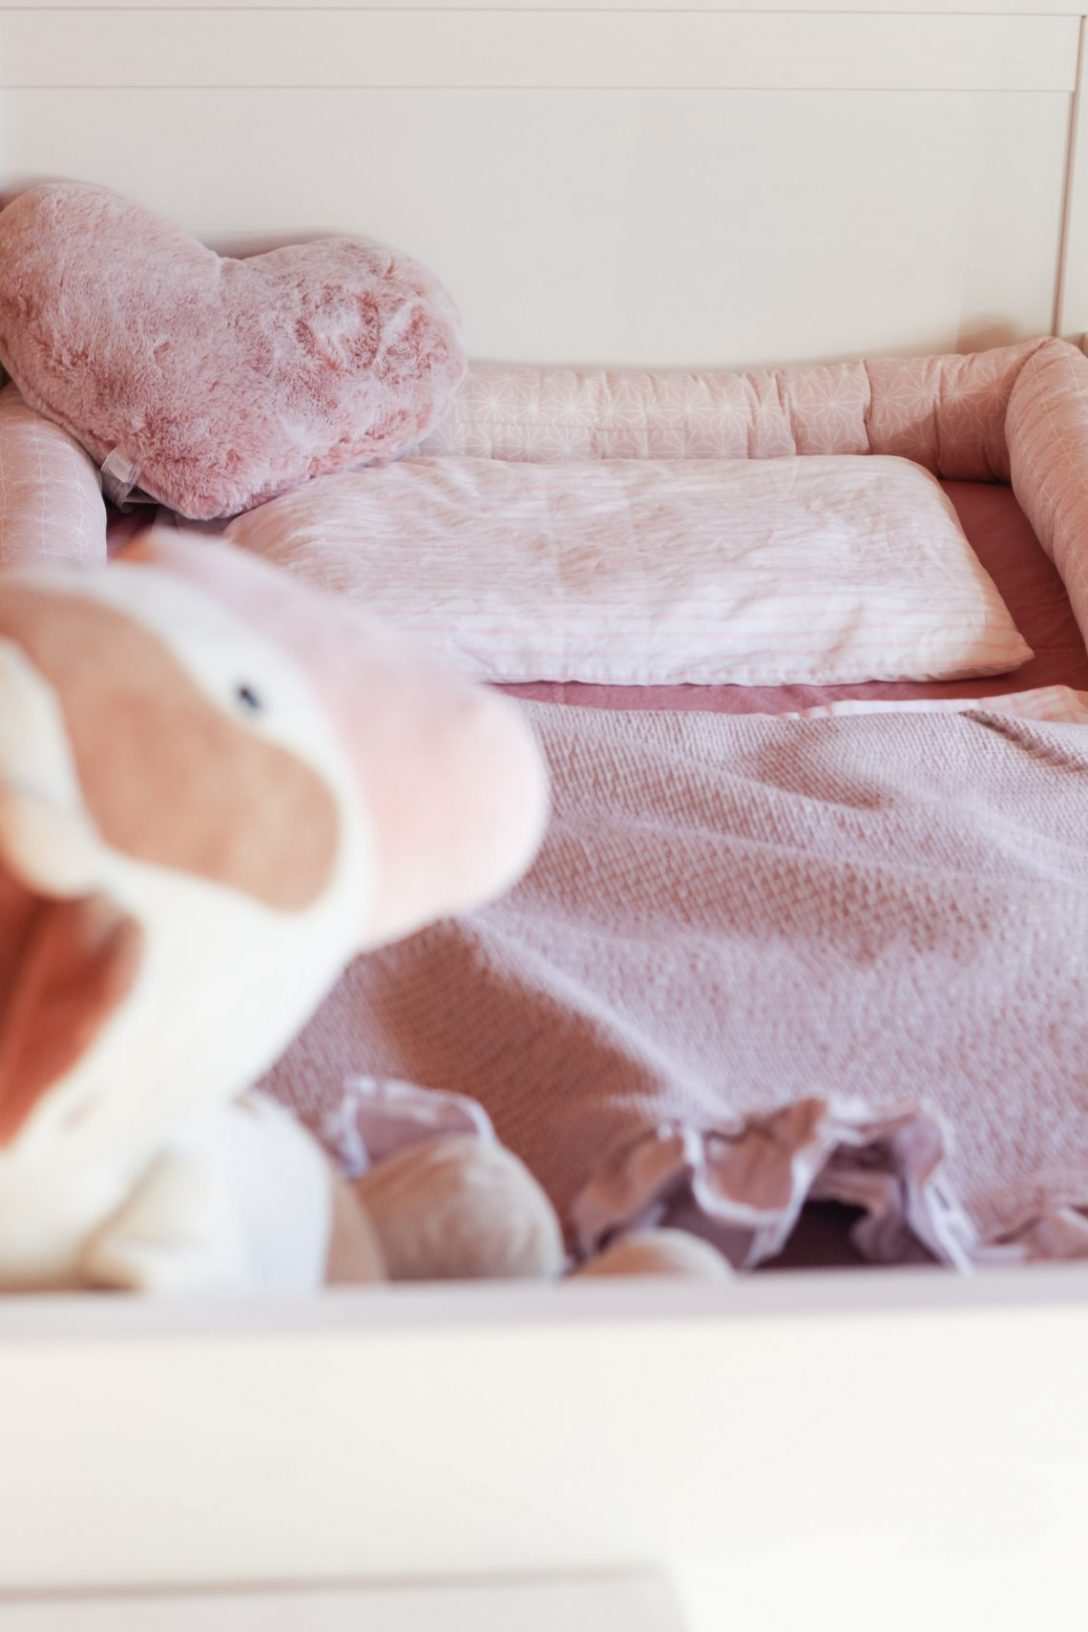 Large Size of Bett Mit Matratze Perfekte 80x160 Fr Das Sundvik Ikea Halfies Paletten 140x200 Küche U Form Theke Paidi Stauraum Ausziehbar Esstisch 4 Stühlen Günstig Bett Bett Mit Matratze